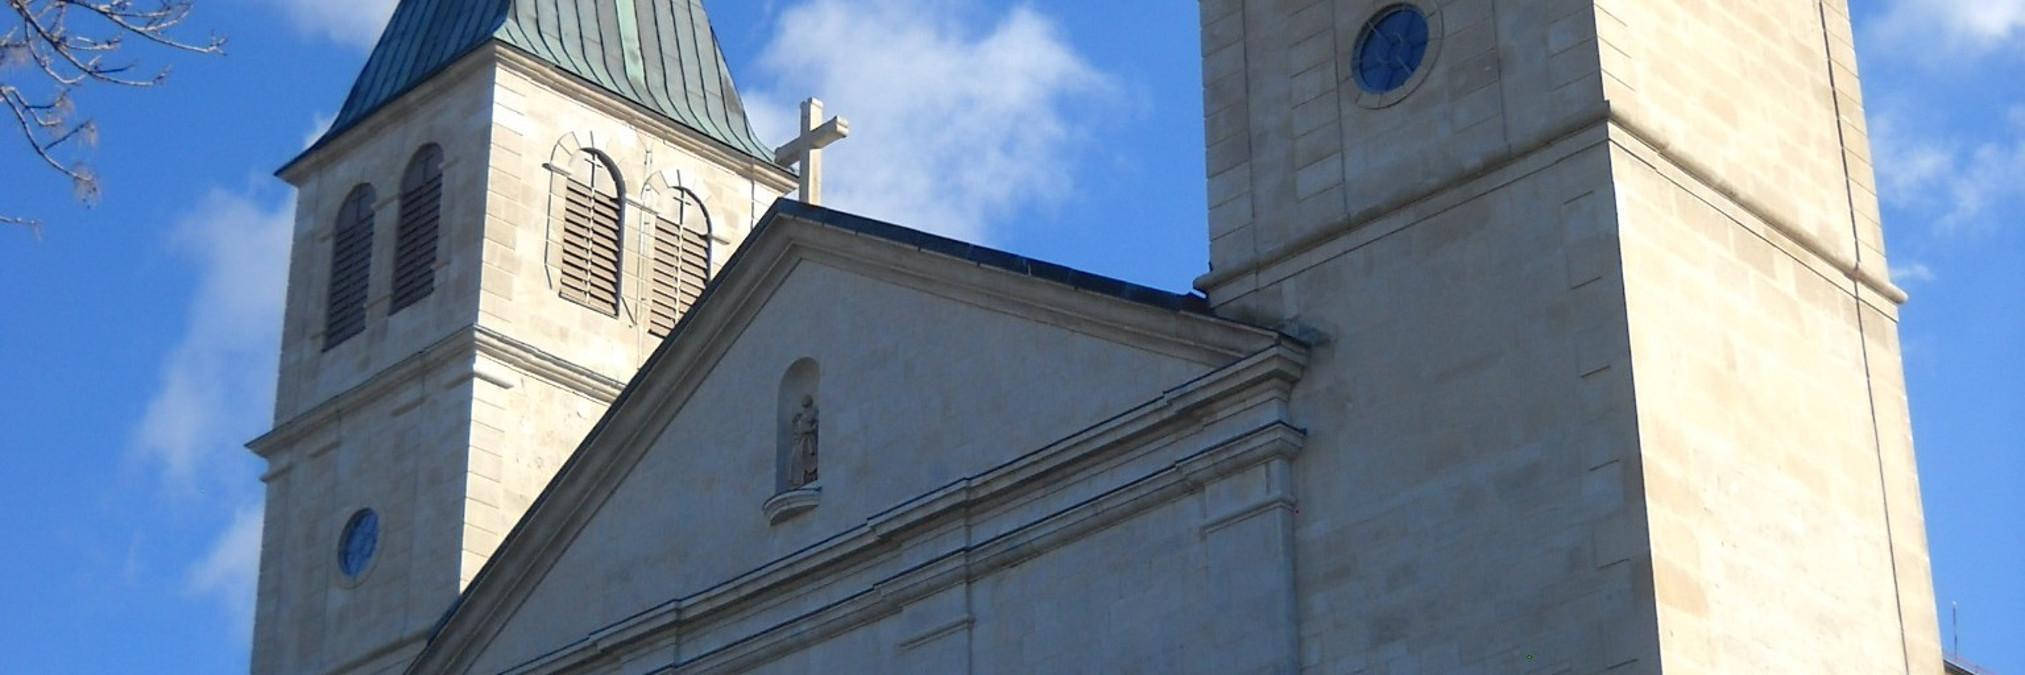 Церковь св. Петра и Павла в Ливно